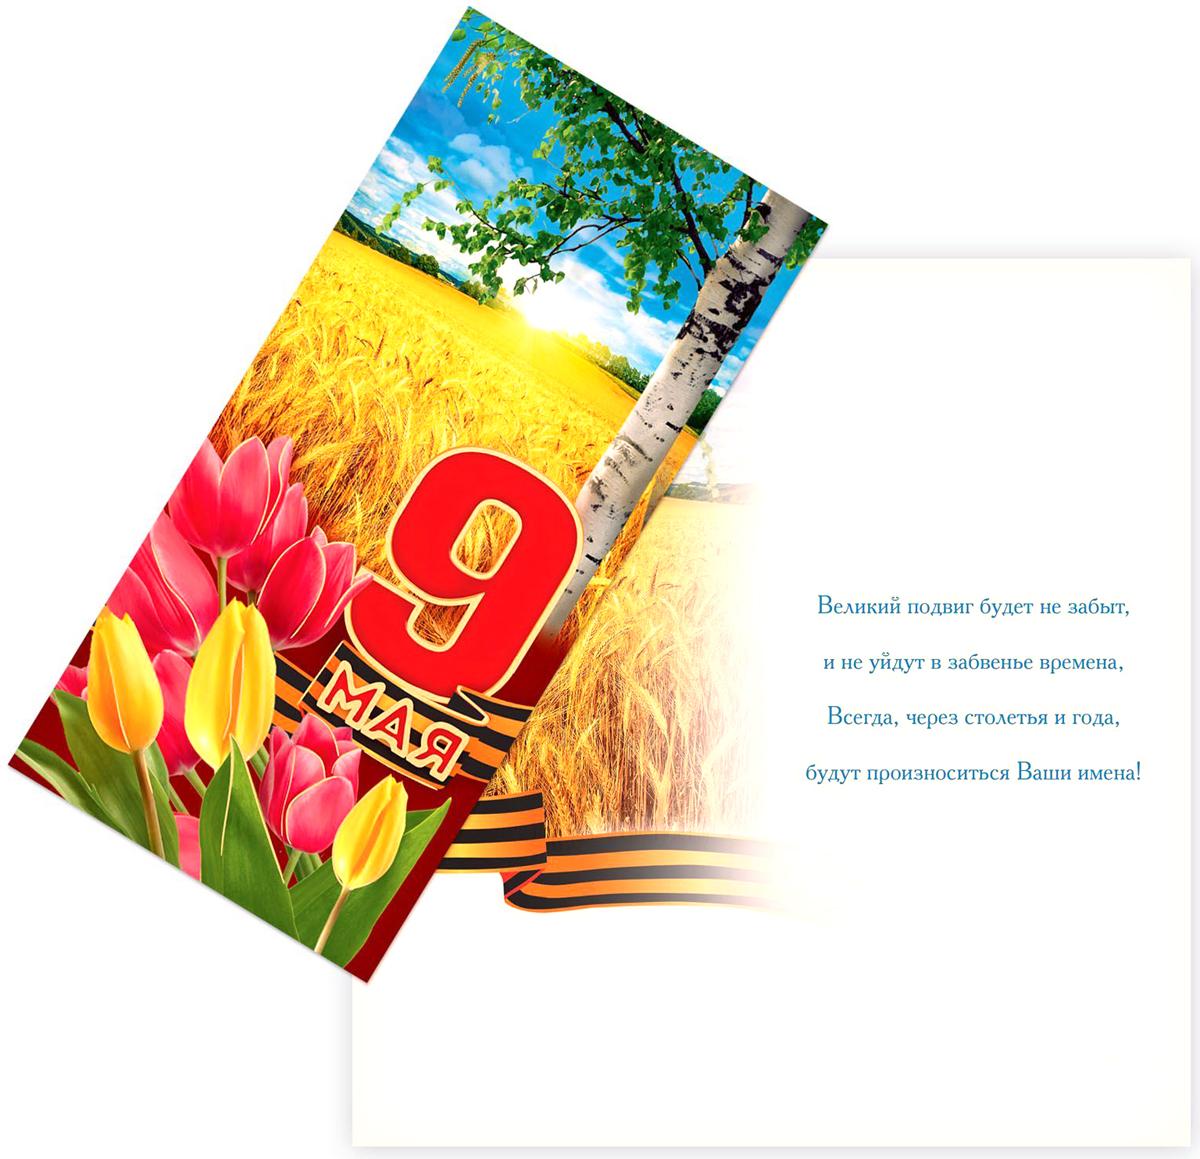 """Выразить свои чувства и дополнить основной подарок тёплыми словами вам поможет поздравительная открытка. С ней ваше пожелание """"Счастья, любви и здоровья"""" приобретёт трепетный и душевный подтекст. А воспоминания о праздничном дне ещё долго будут радовать адресата."""